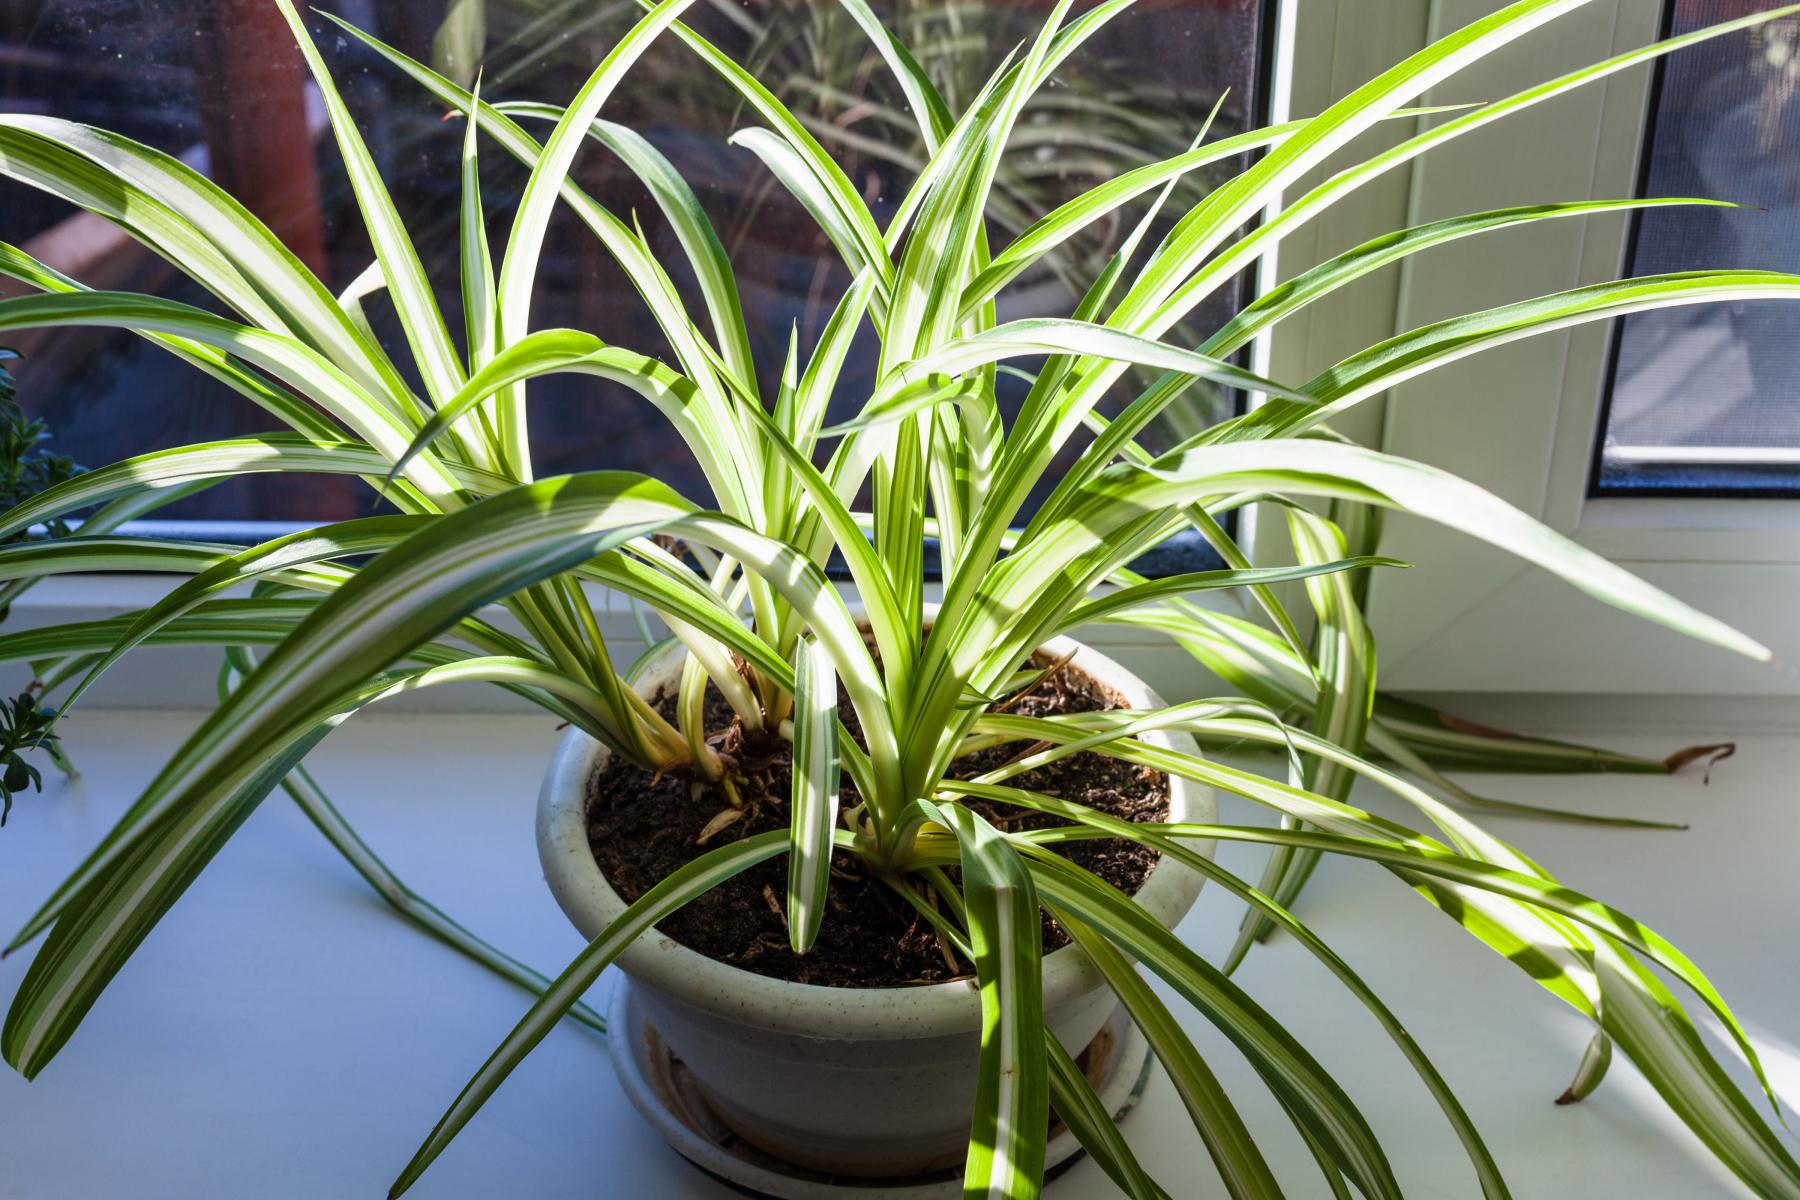 Plante lange, grønne, båndformede blader med hvit stripe nedover bladet